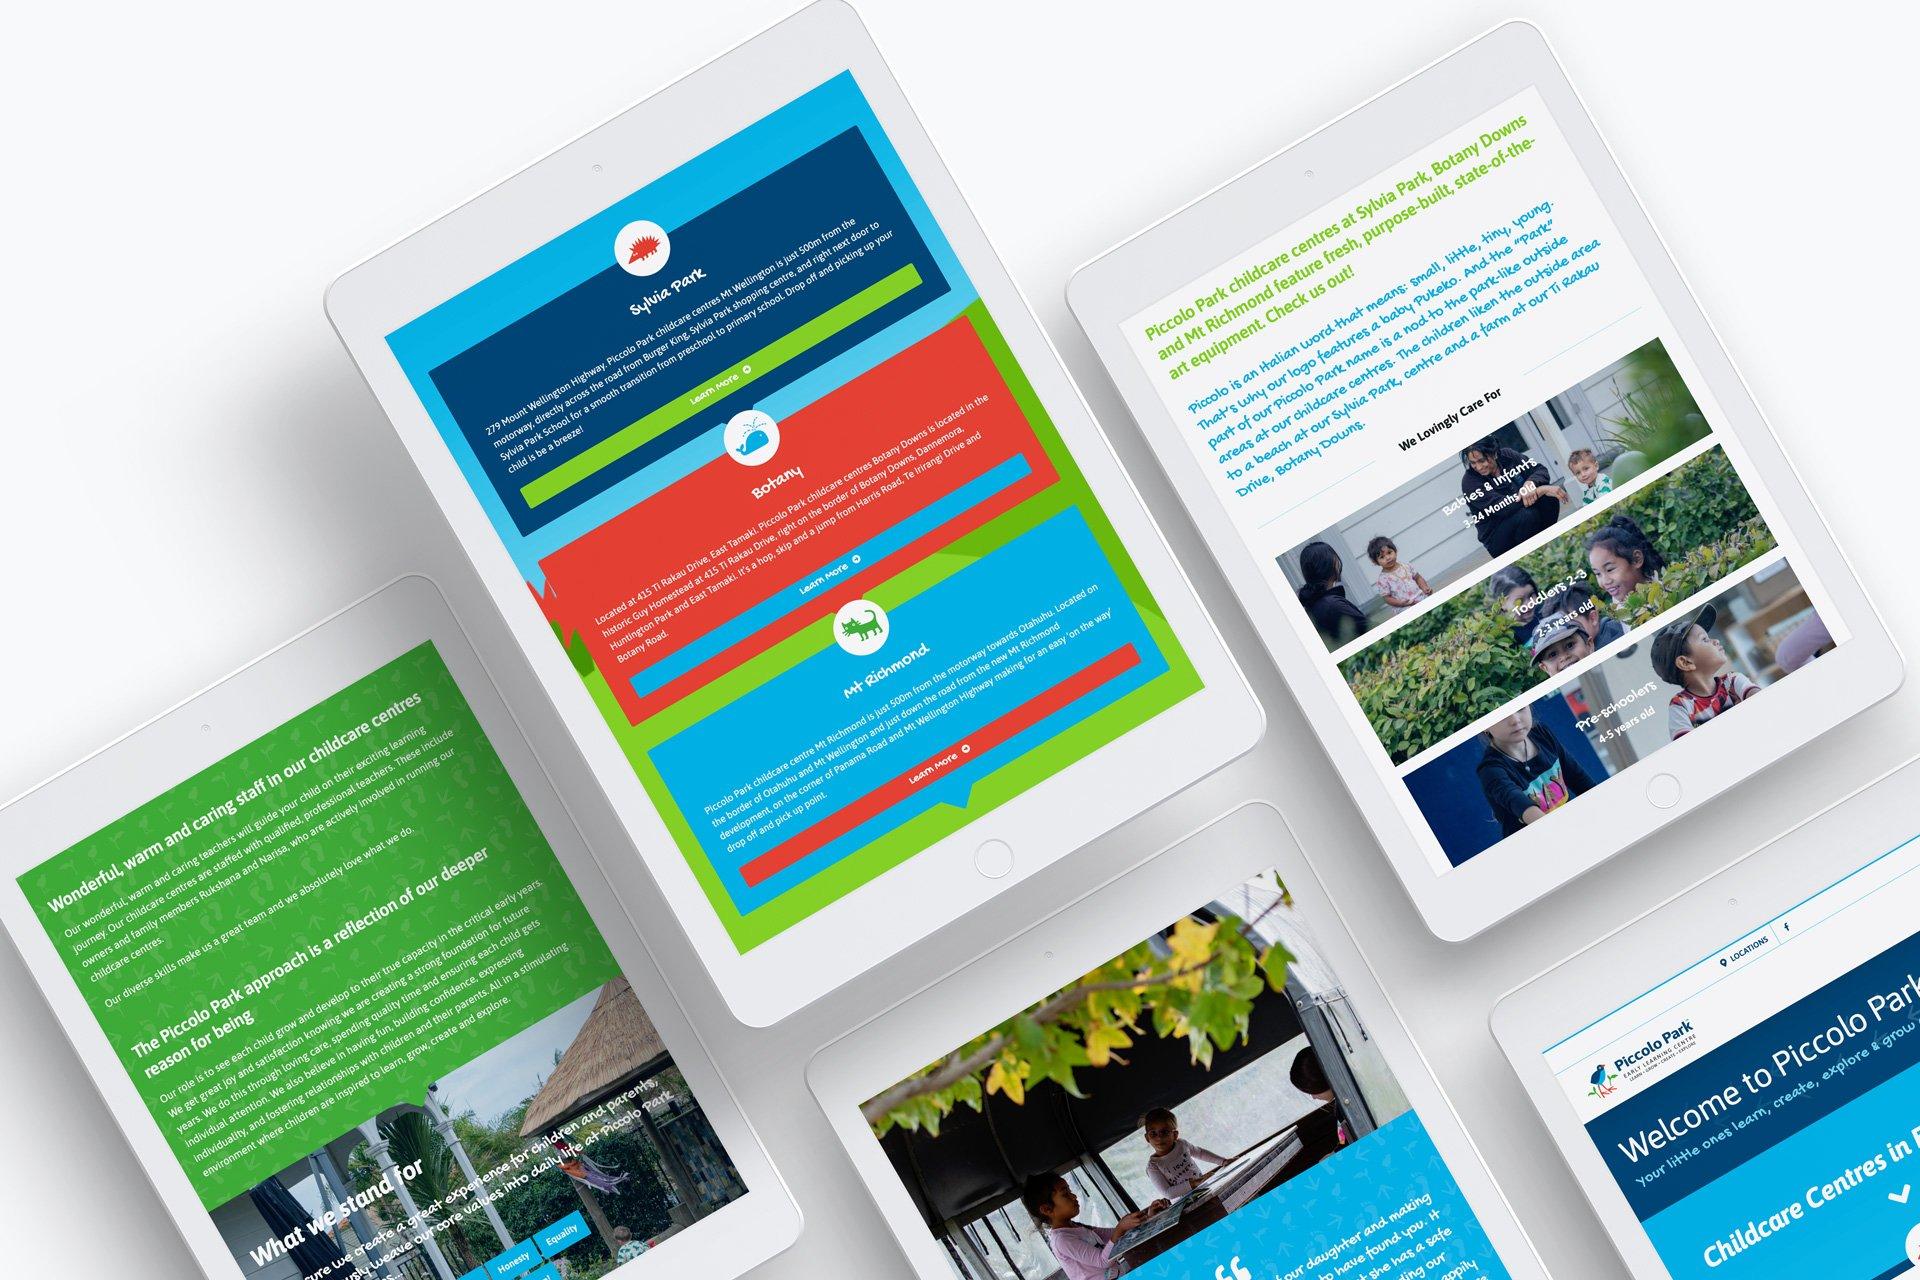 piccolo park webdesign 02